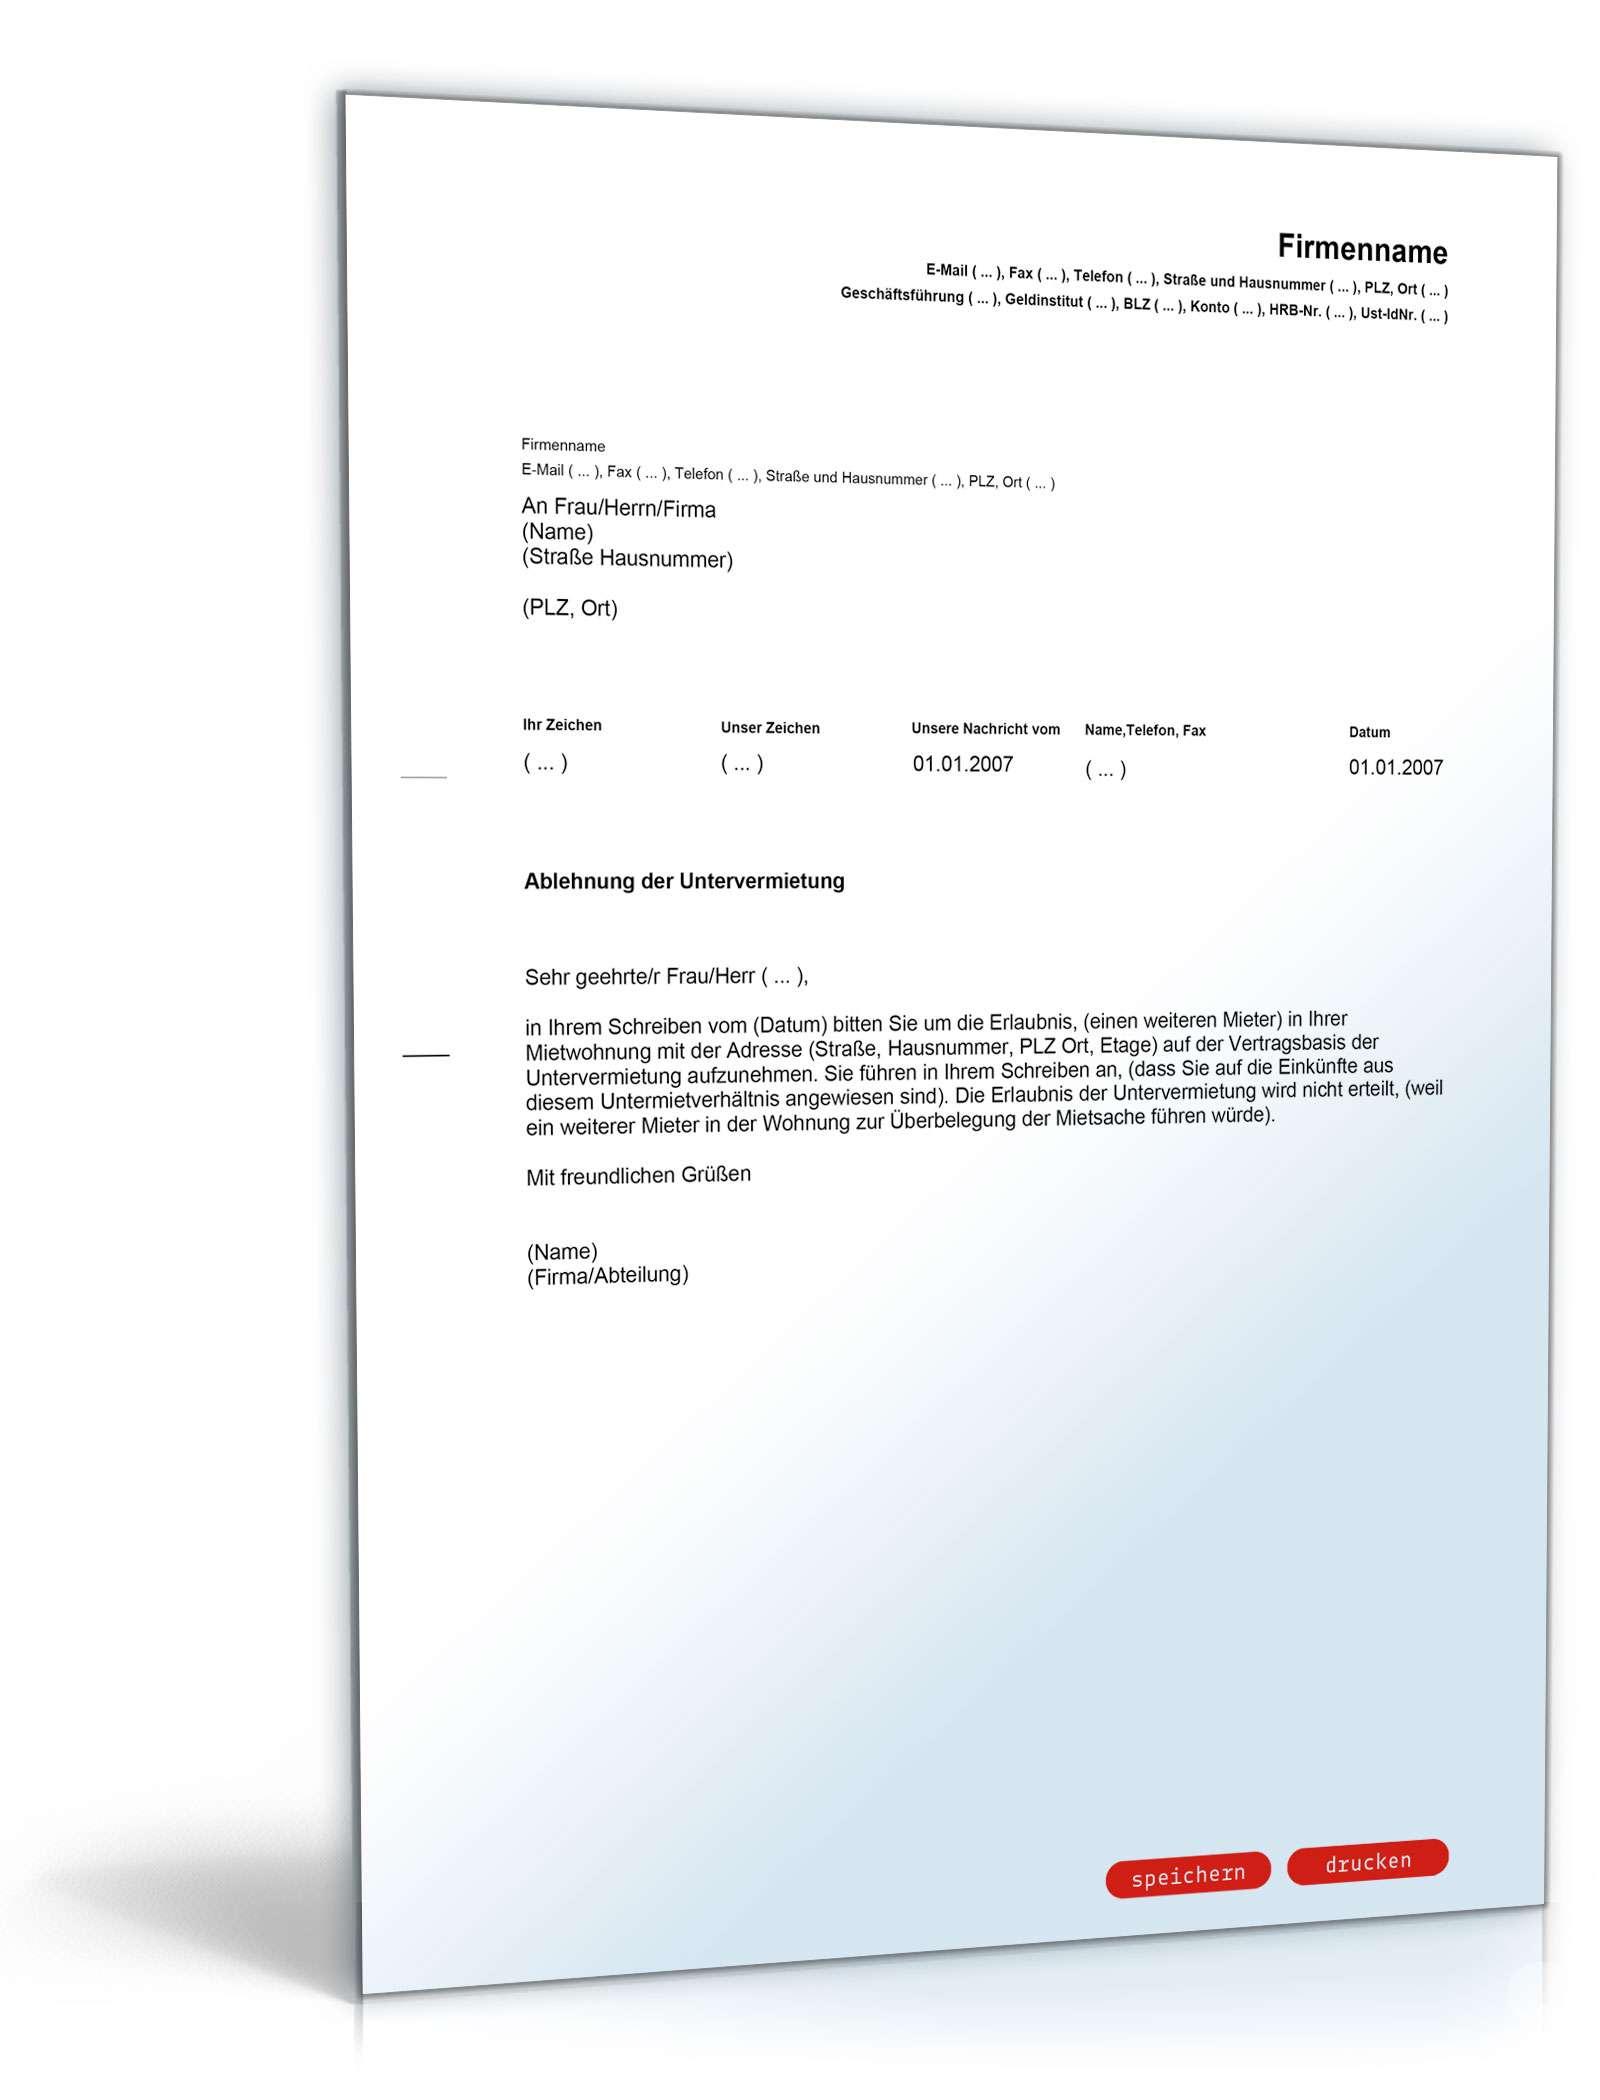 ablehnung untervermietung muster vorlage zum download. Black Bedroom Furniture Sets. Home Design Ideas